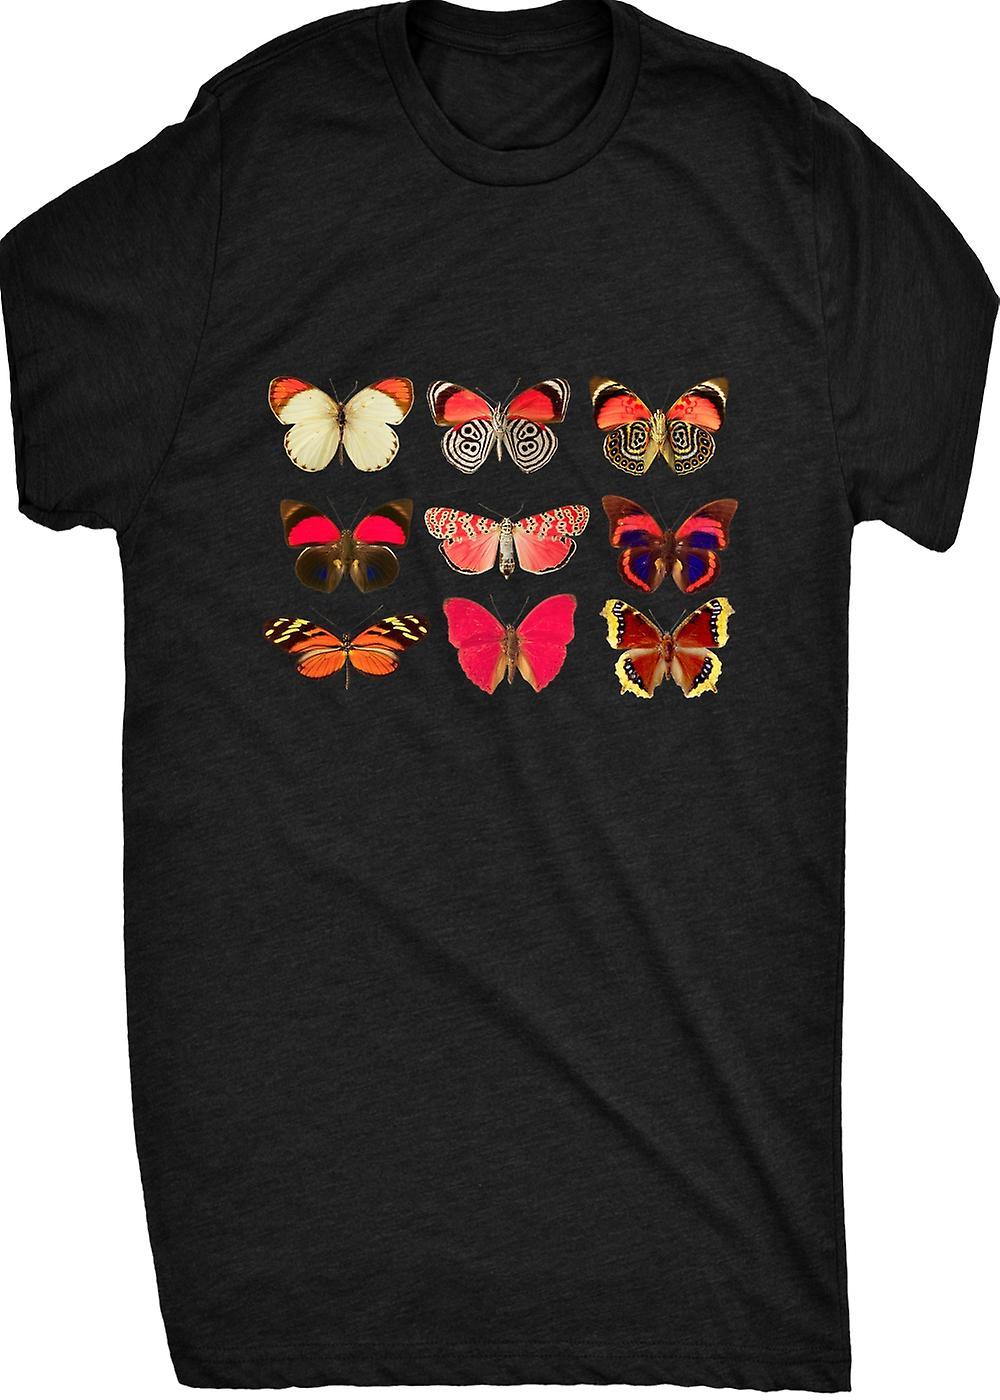 Renommierten sortierten Schmetterlingssammlung 1